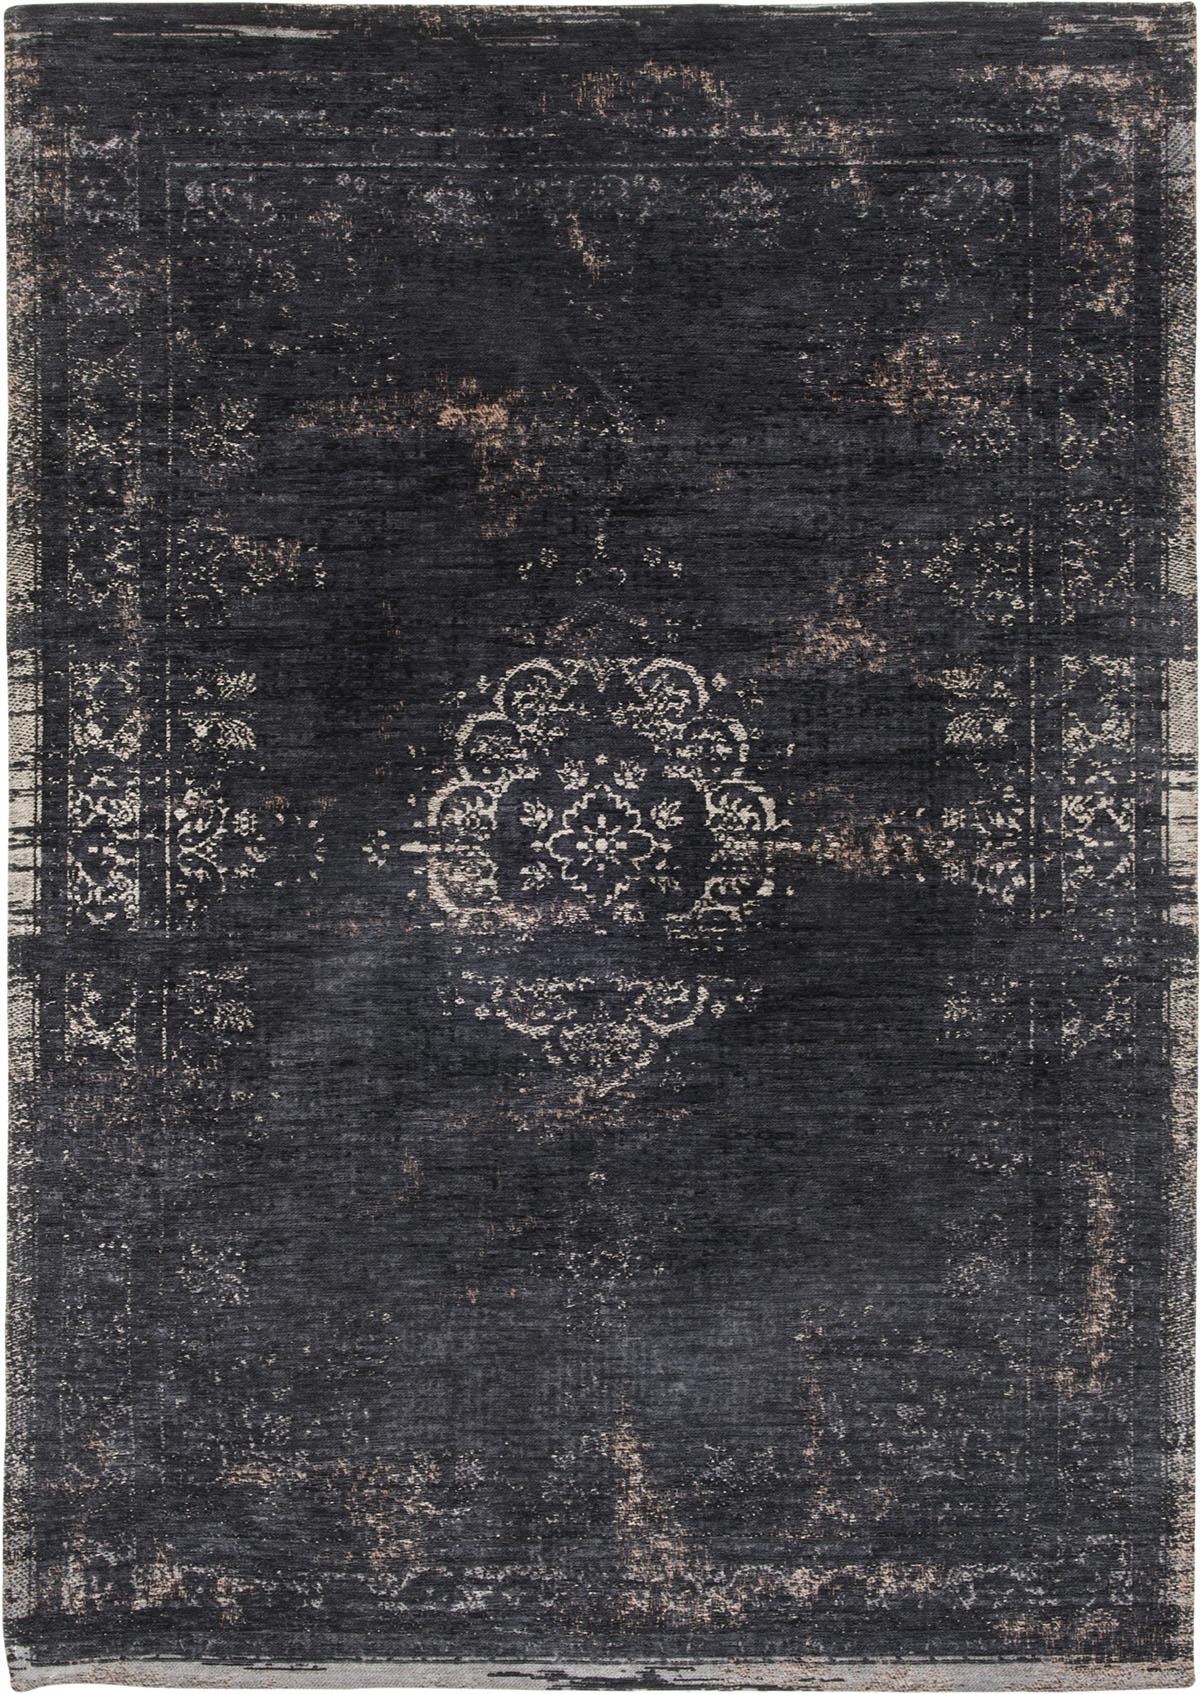 3ecddb623a706e Czarny dywan klasyczny vintage - MINERAL BLACK 8263